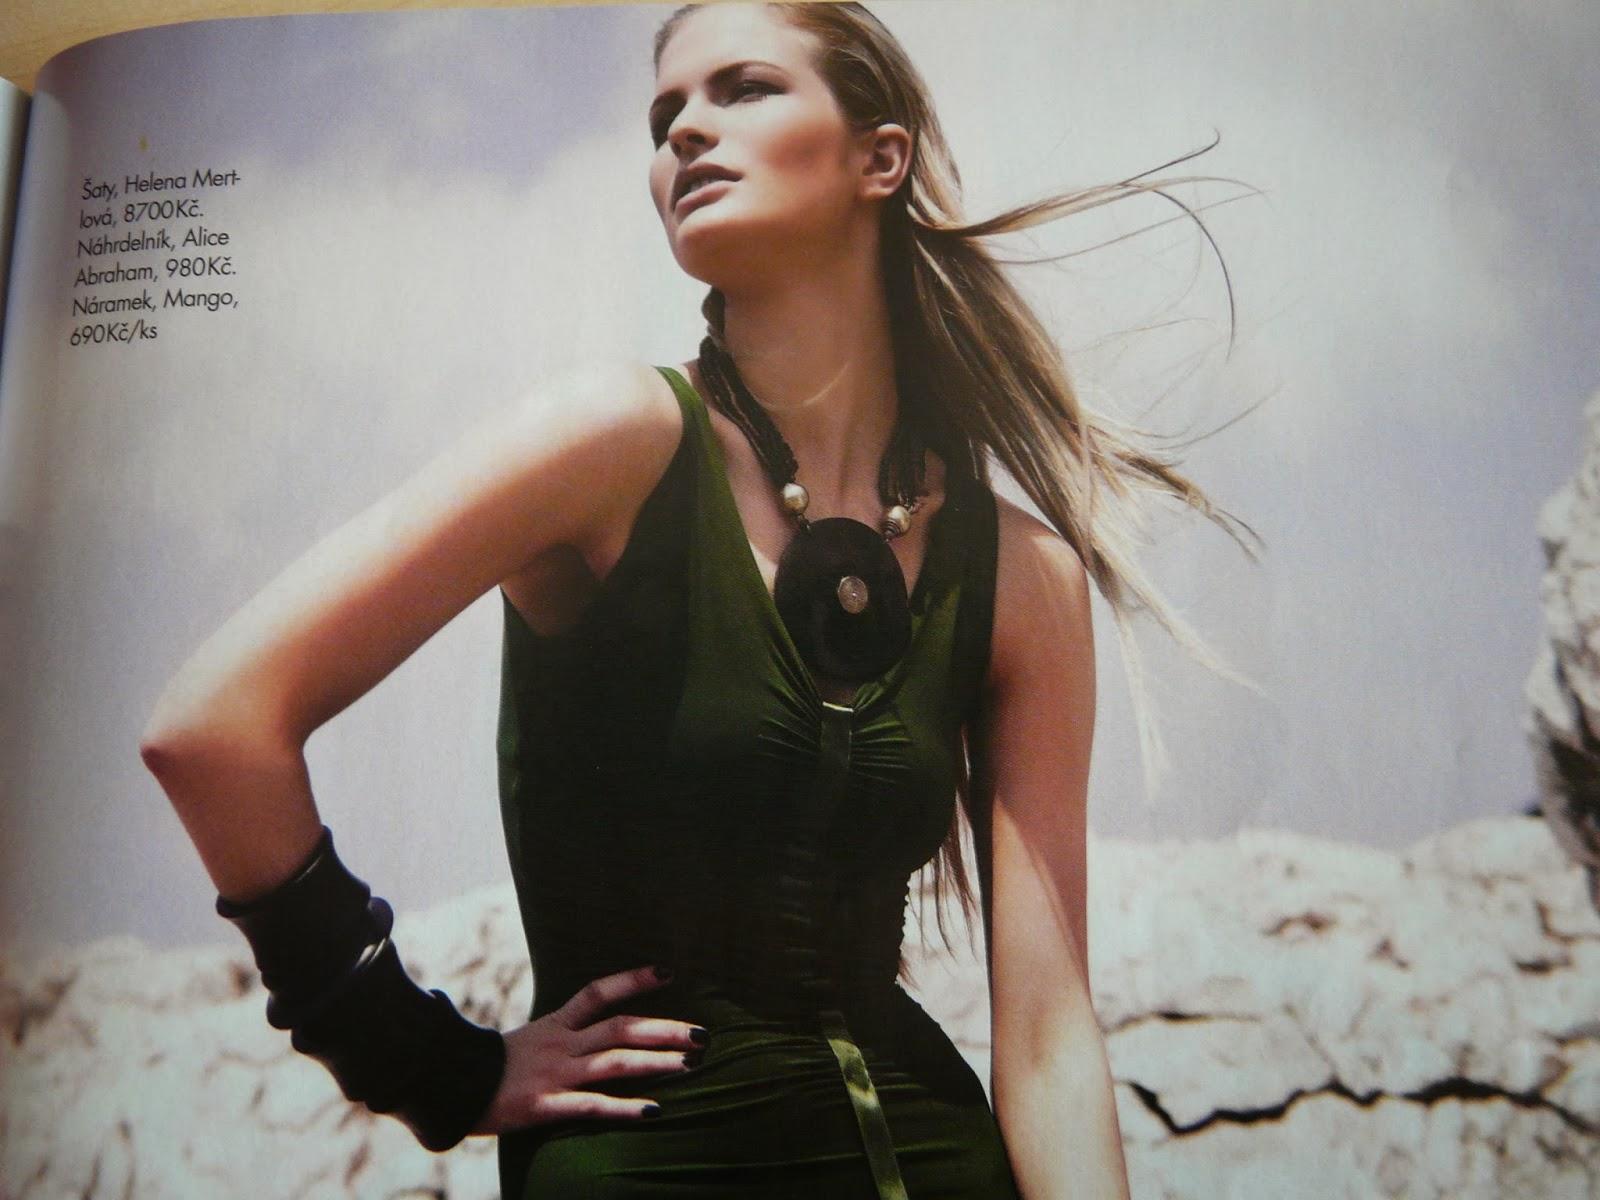 8d1e4ce26 Inspiraci jsem našla v časopisu Elle - červenec 2008 (velmi dlouho  zapomenutý projekt)